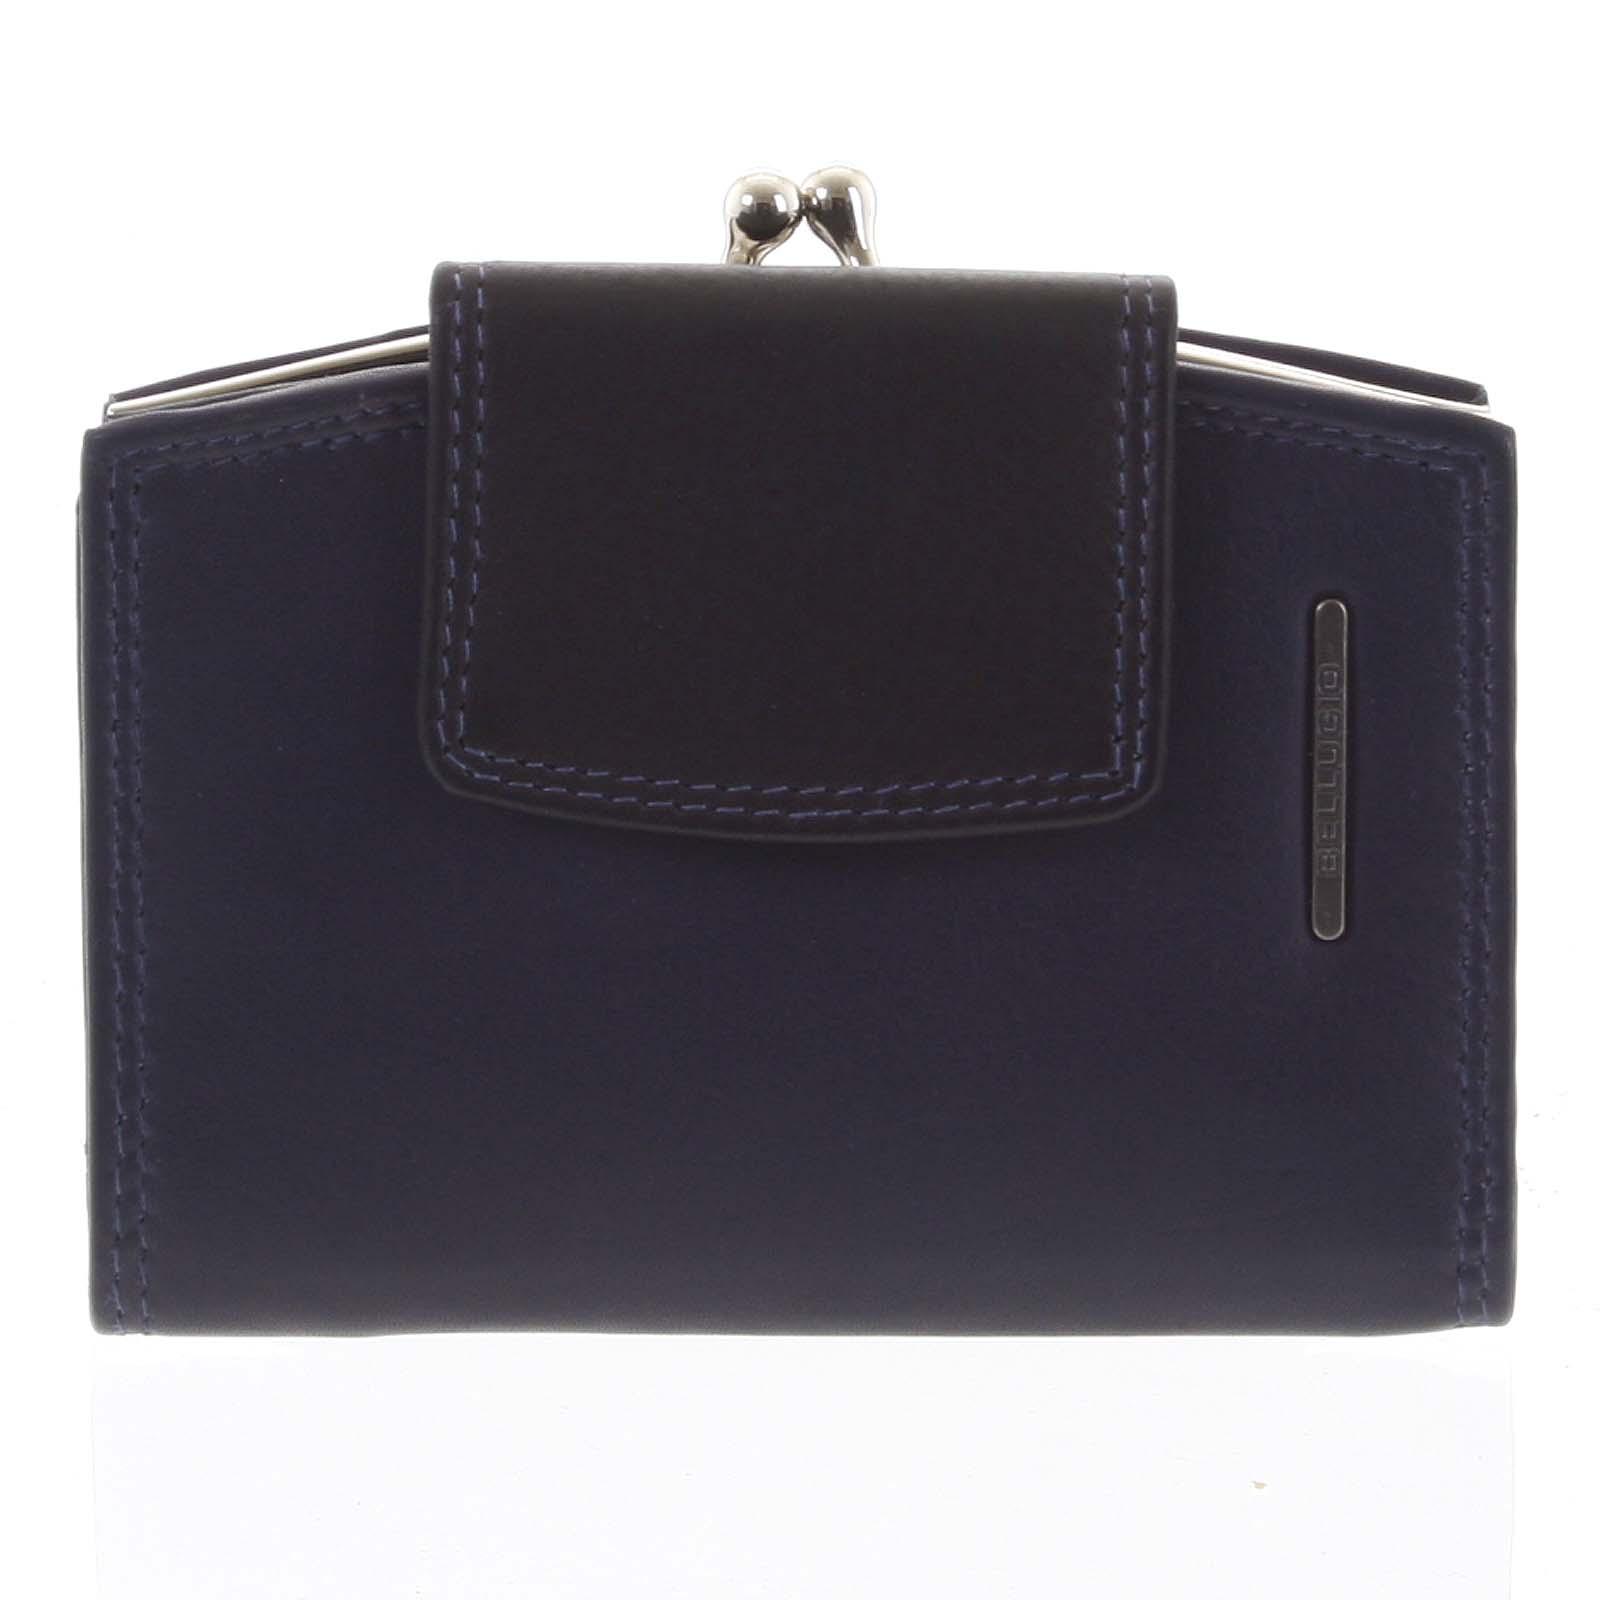 Luxusní dámská kožená peněženka modro černá - Bellugio Armi